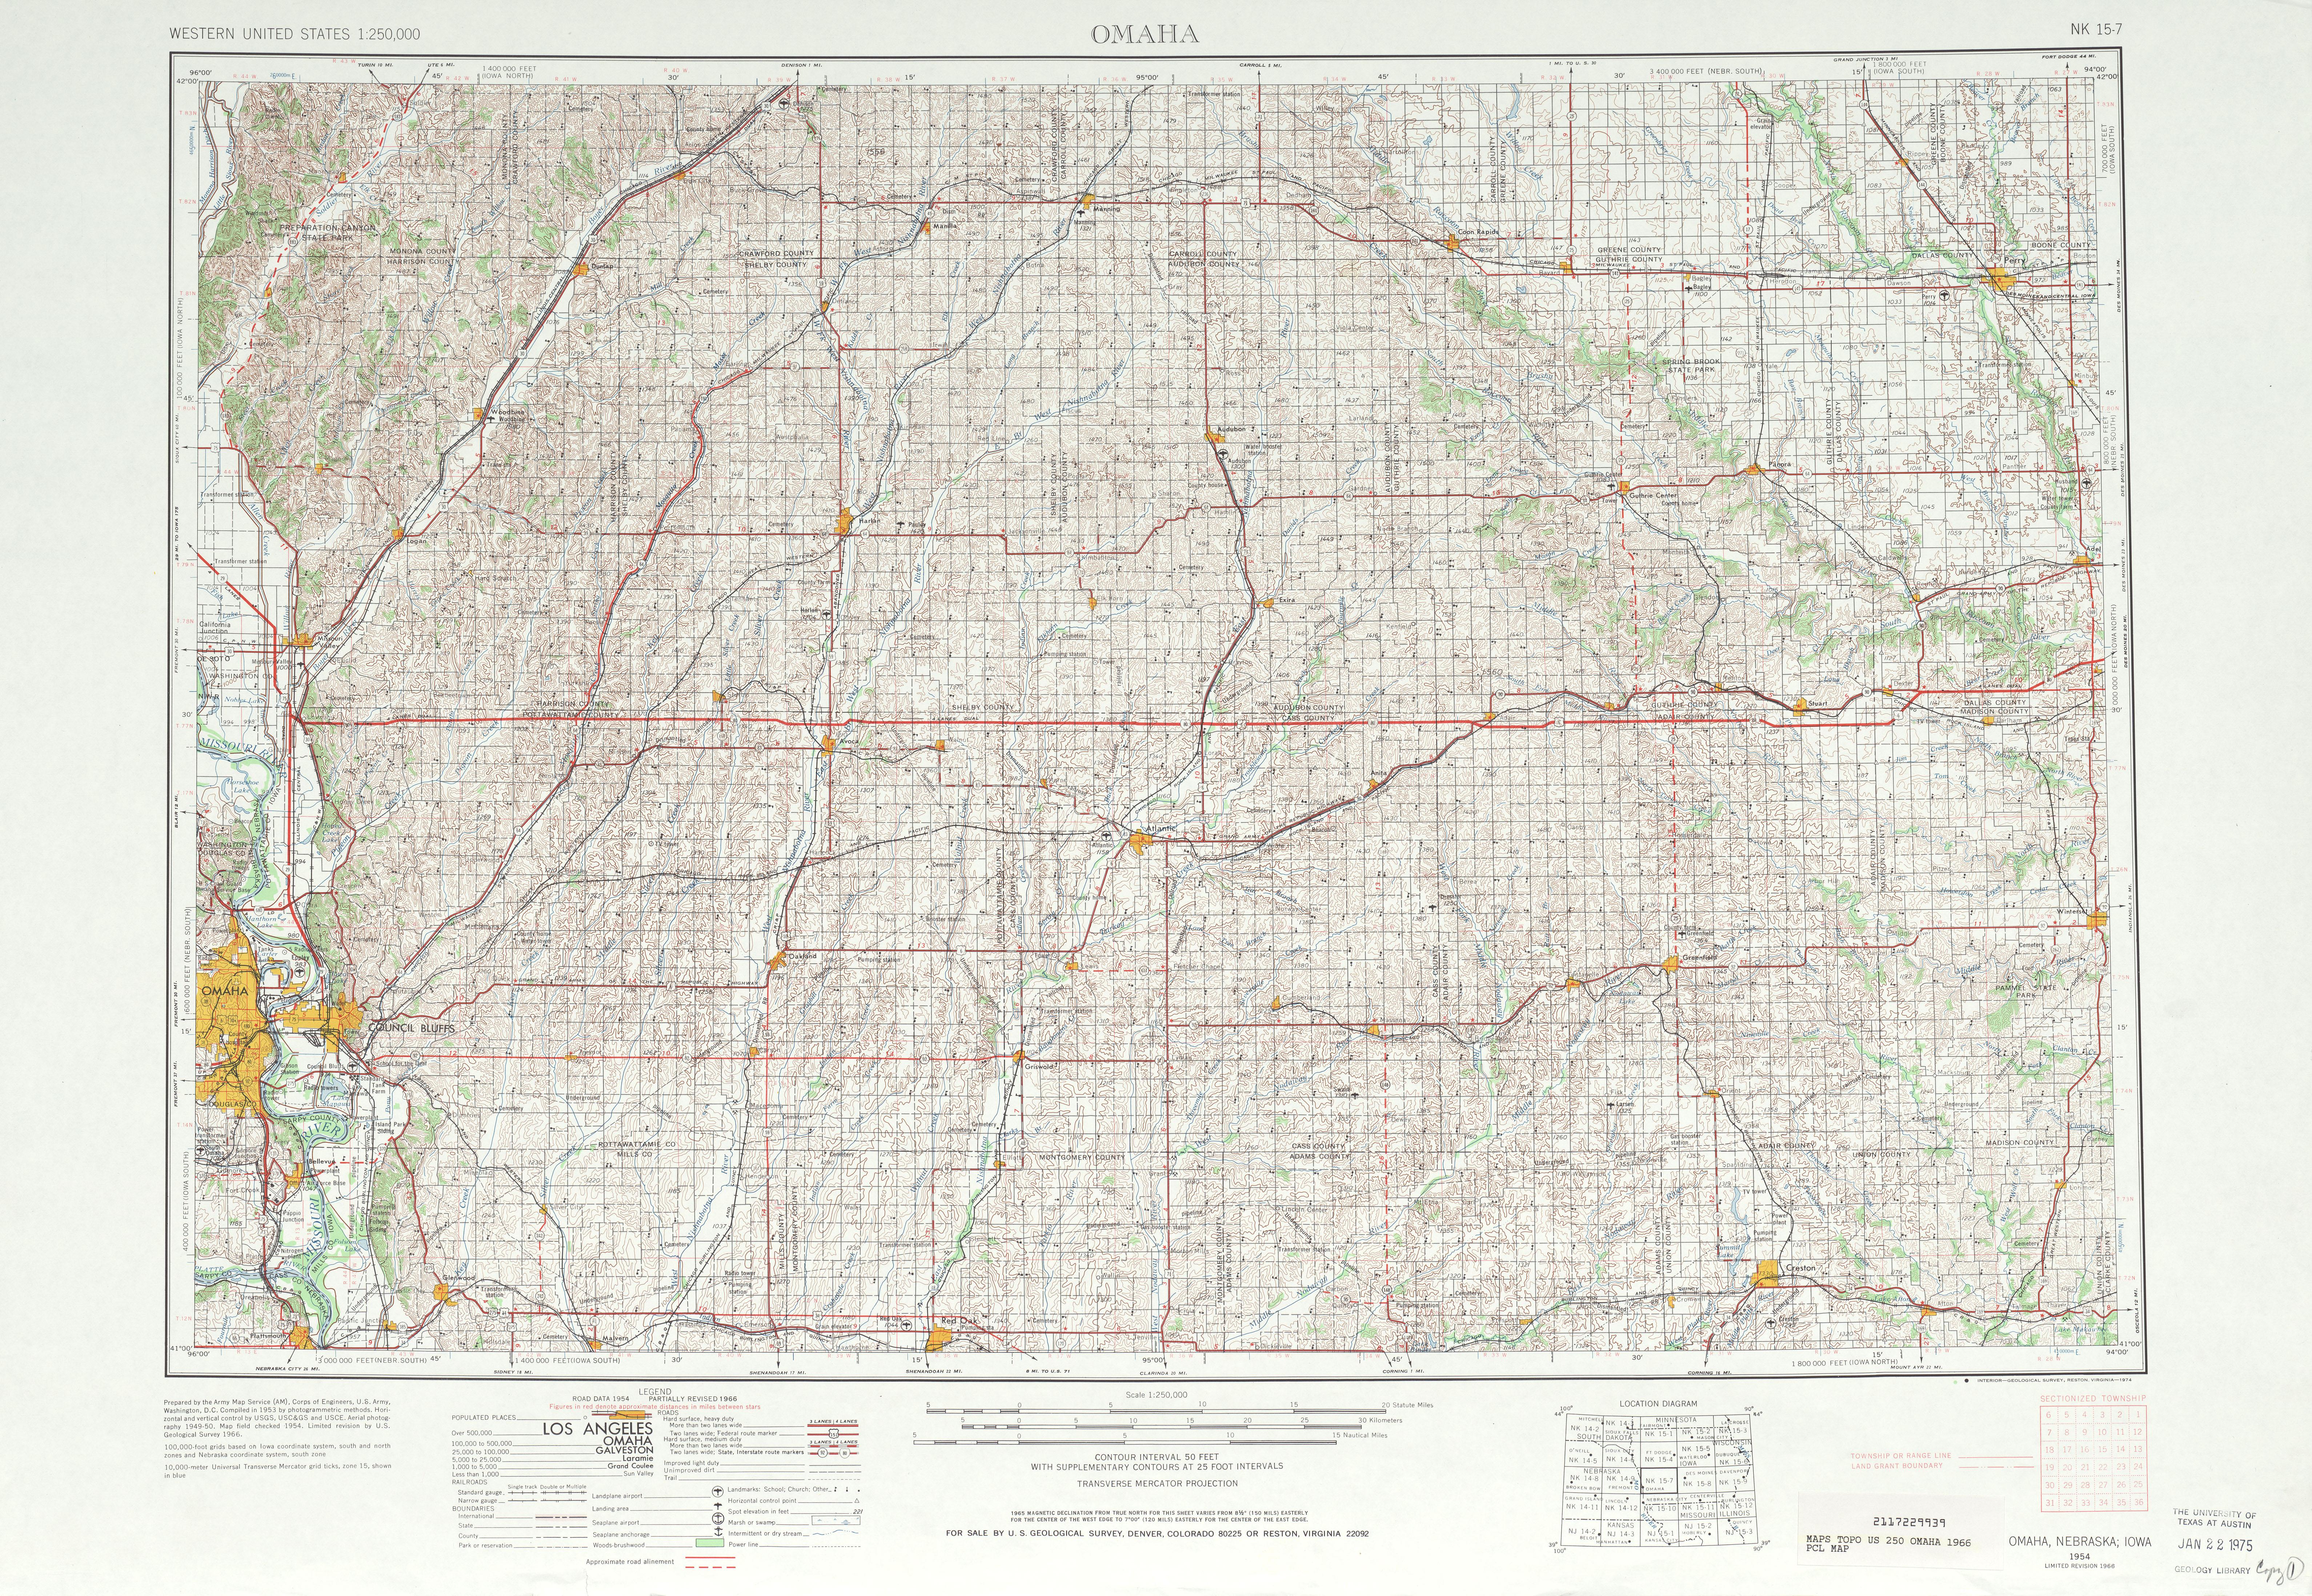 Hoja Omaha del Mapa Topográfico de los Estados Unidos 1966